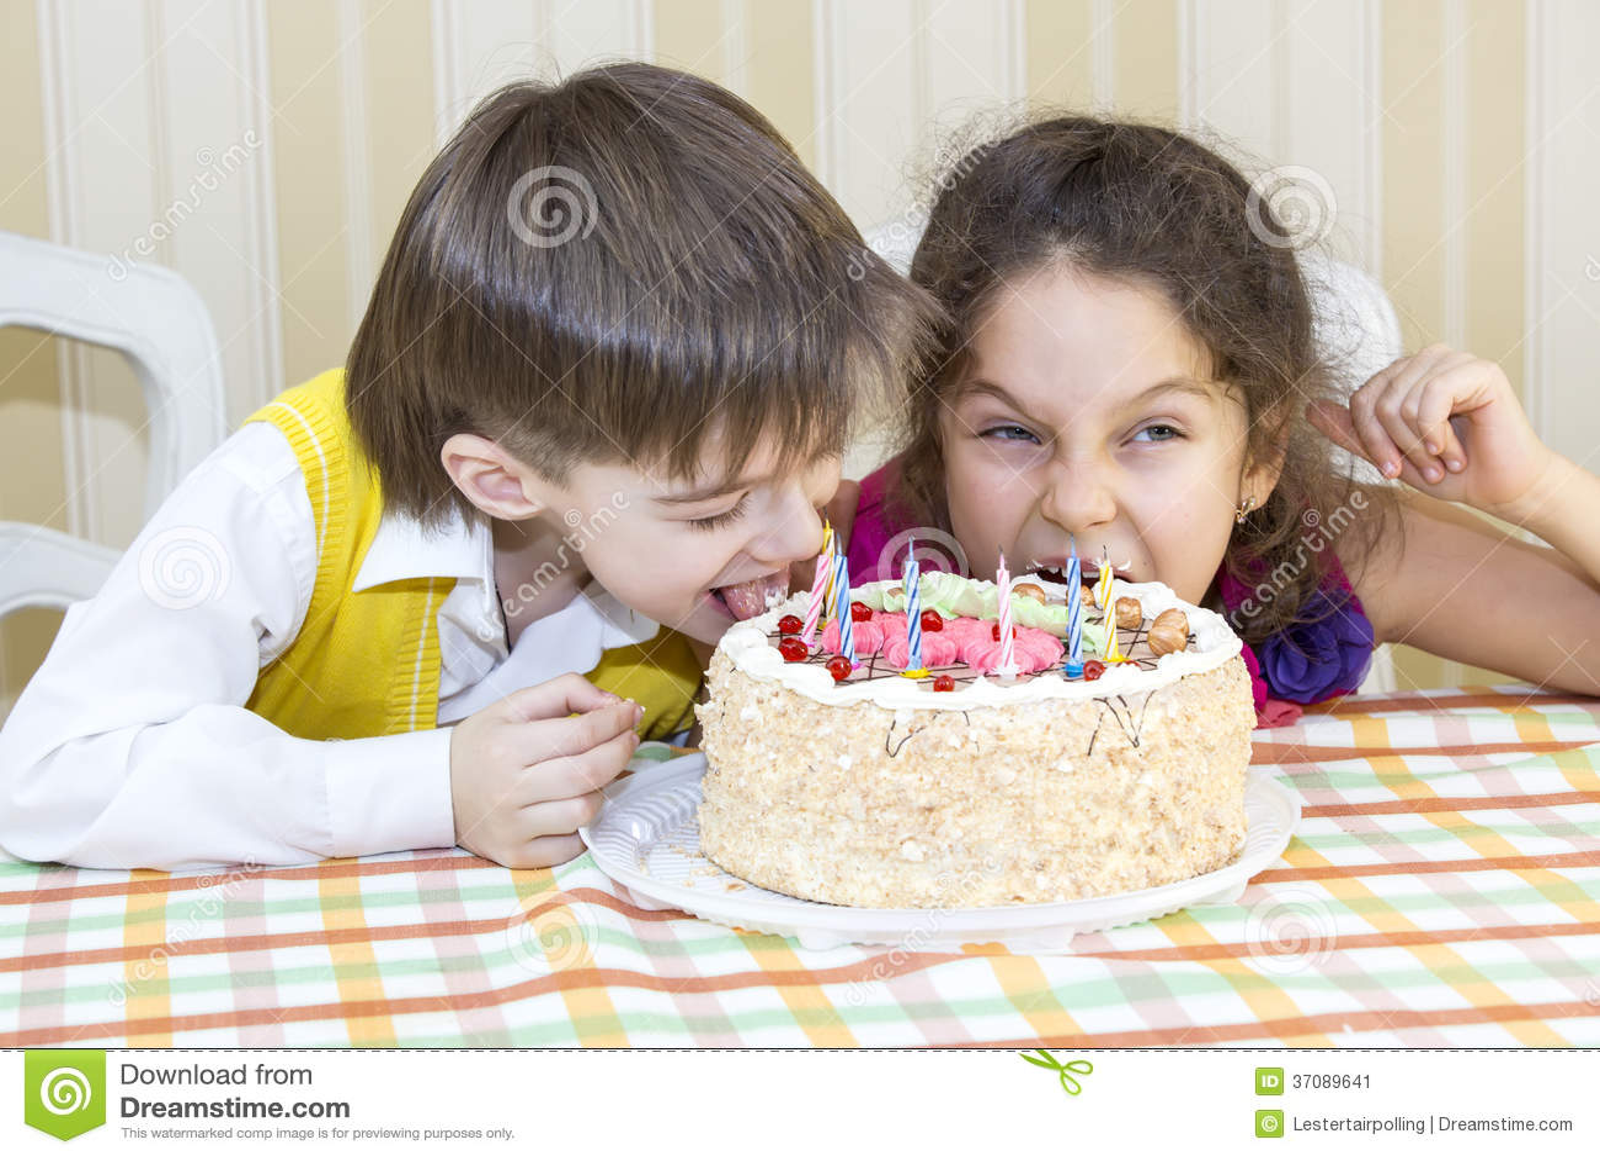 Download Dzieciaki jedzą tort obraz stock. Obraz złożonej z twarz - 37089641